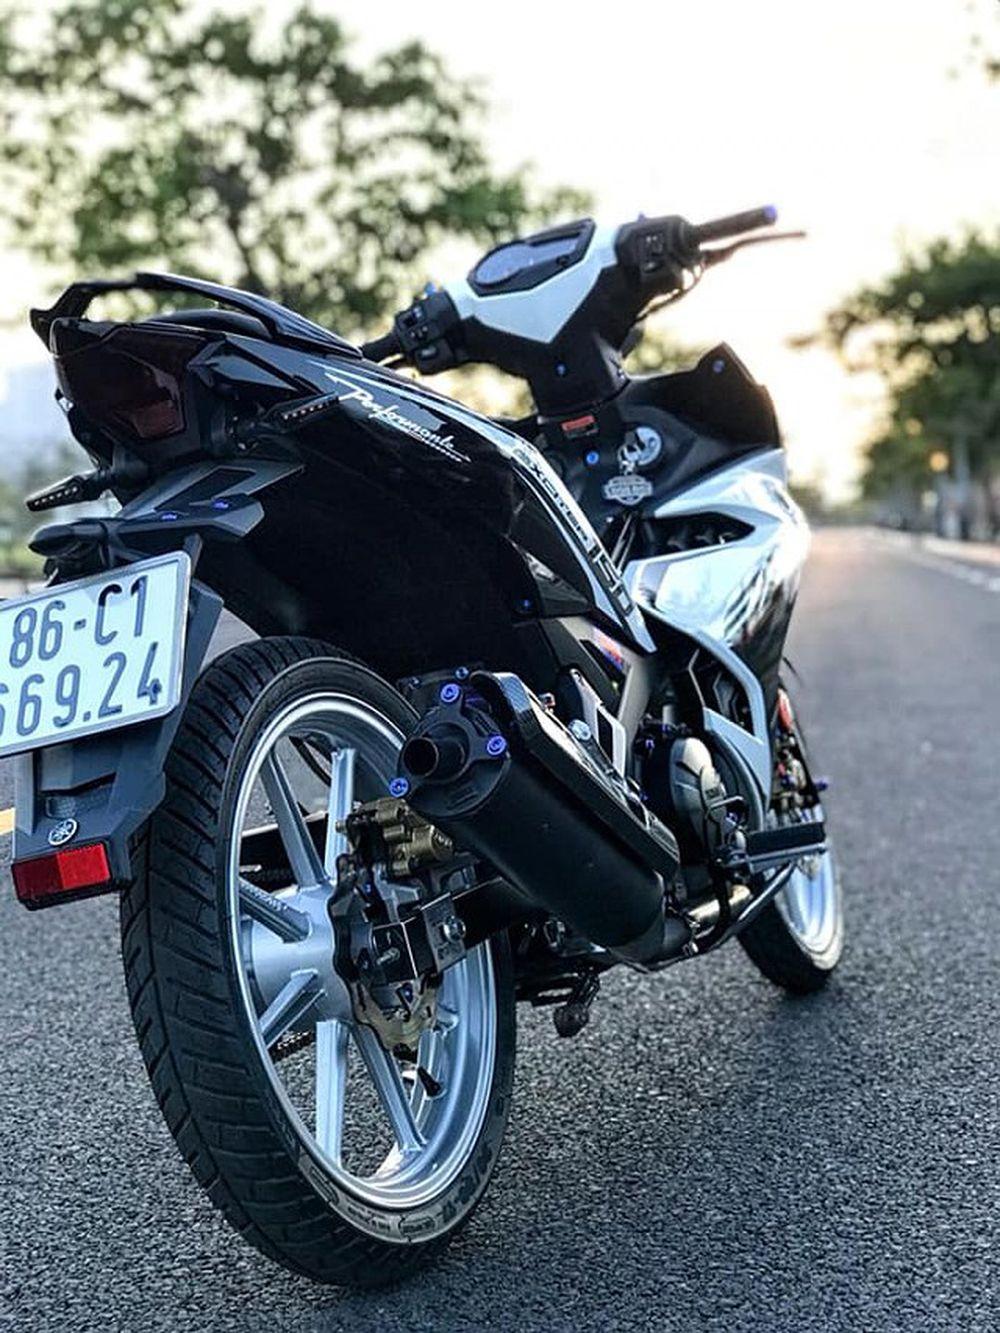 Chiếc Exciter 150 độ được chủ nhân khoác lên một phong cách thời thượng với tem chính hãng do Yamaha Việt Nam sản xuất, phần đầu xe còn được tạo điểm nhấn ...